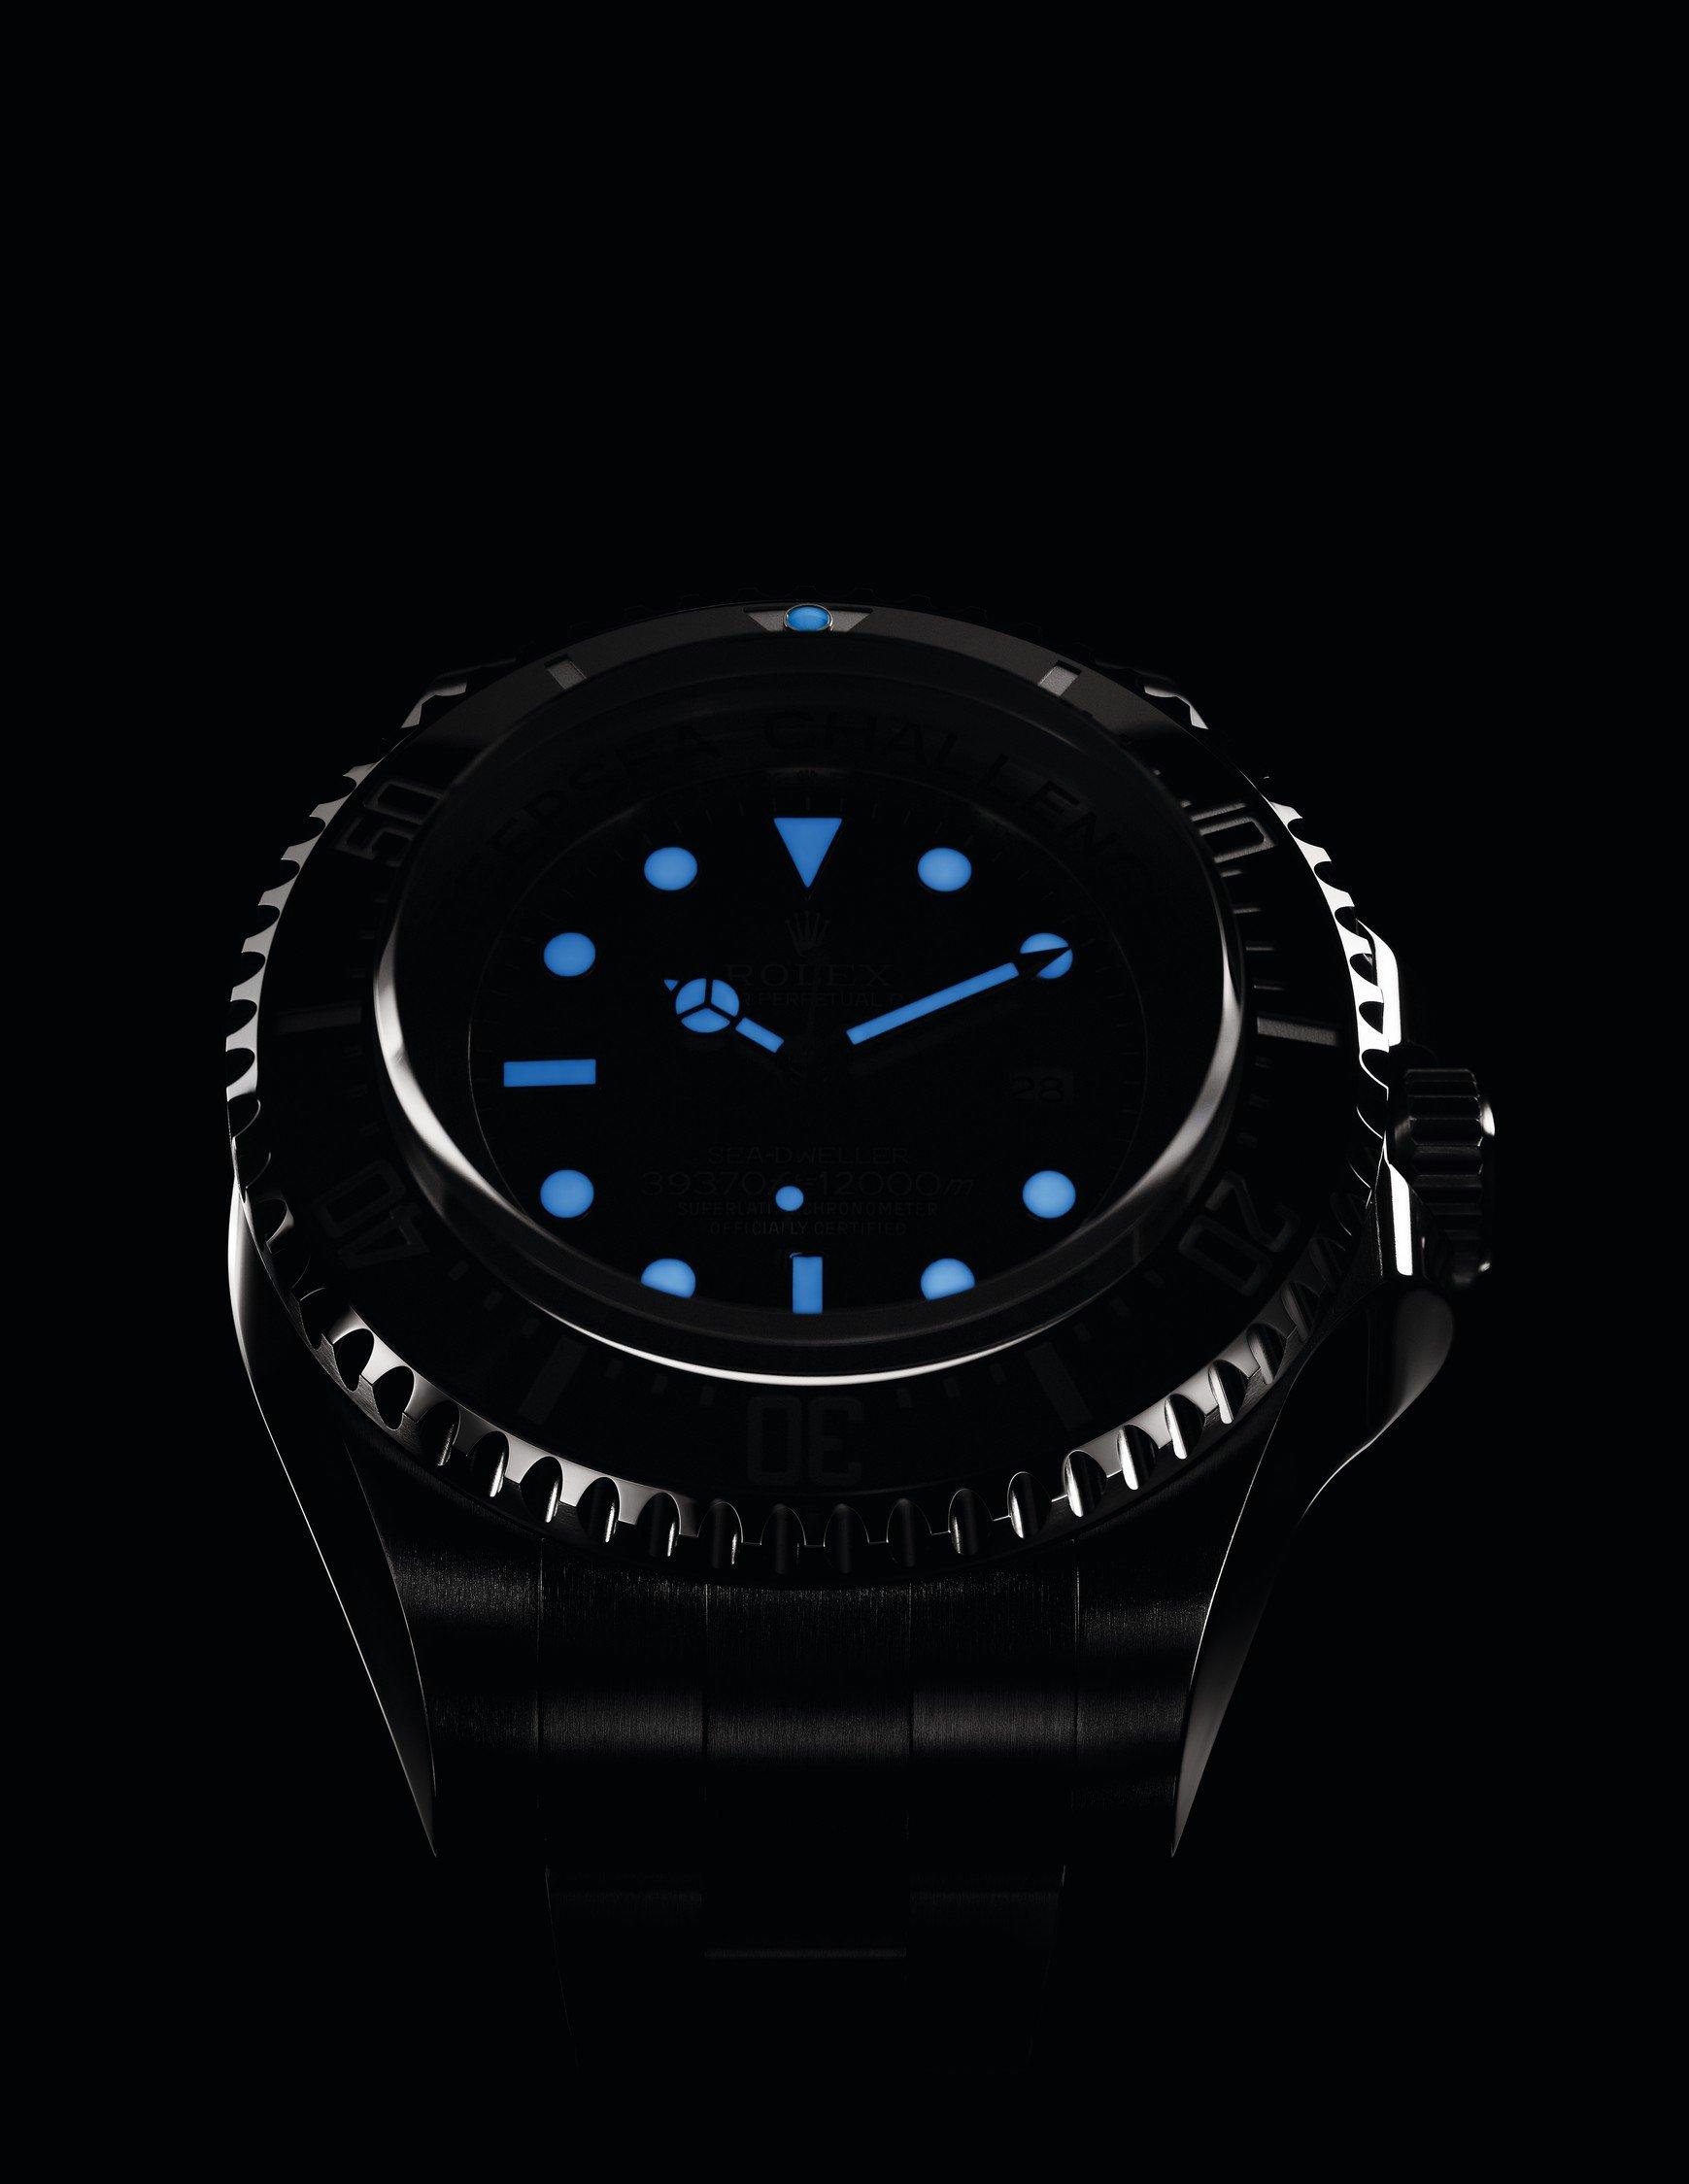 06_Rolex_Deepsea_Challenge